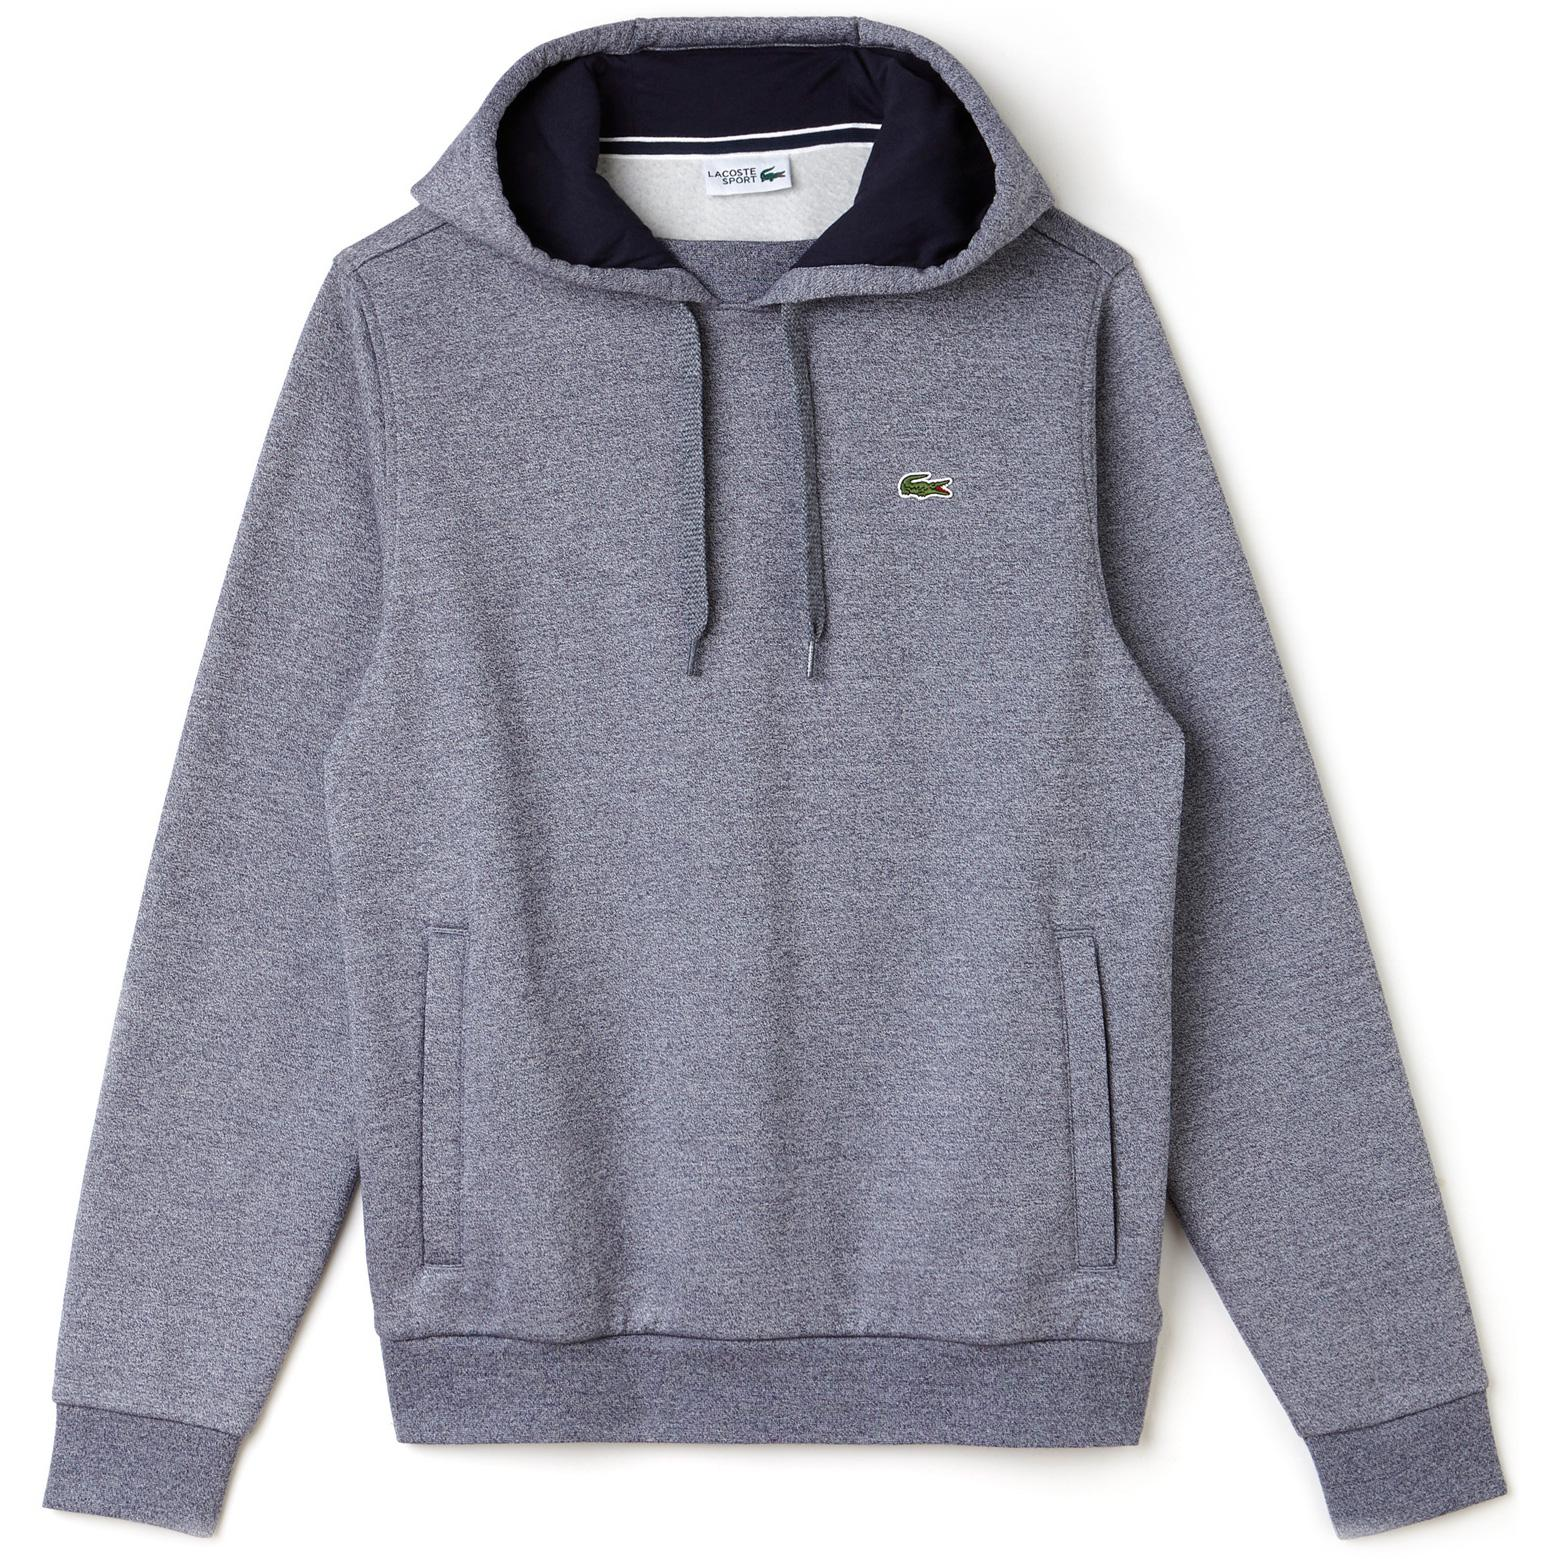 622d67ed2d7f Lacoste Sport Mens Hooded Fleece Tennis Sweatshirt - Mouline Navy Blue -  Tennisnuts.com